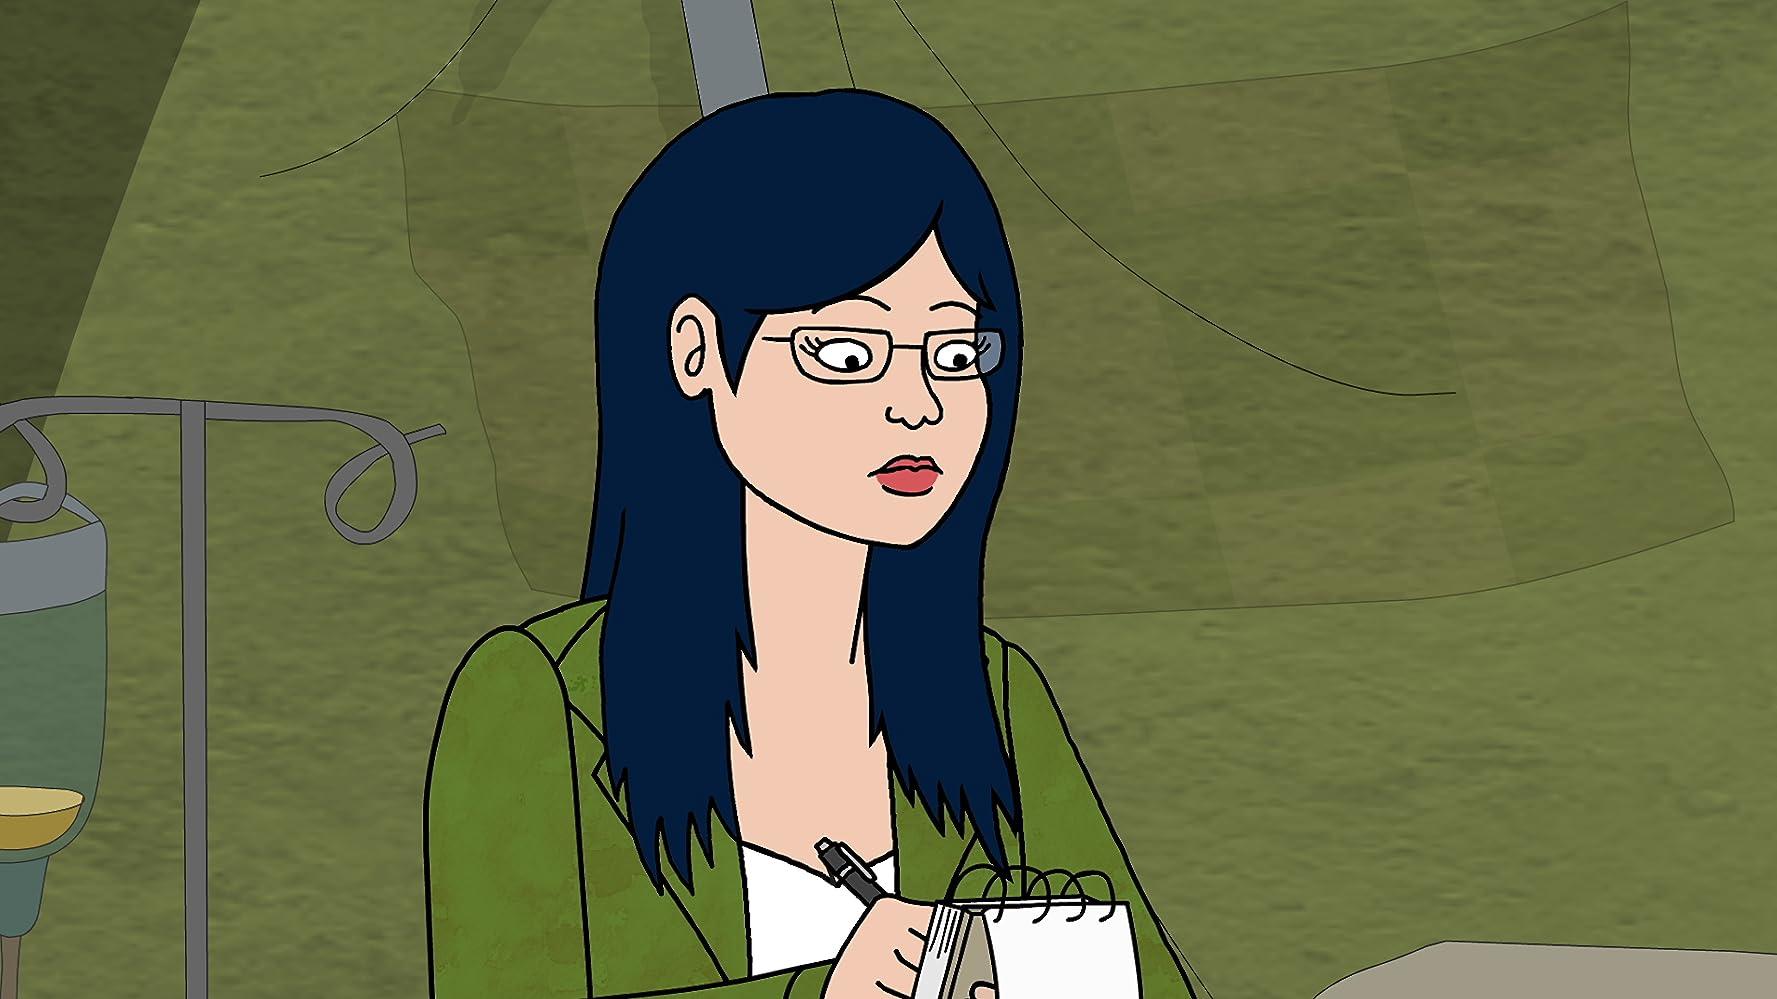 Alison Brie in BoJack Horseman (2014)